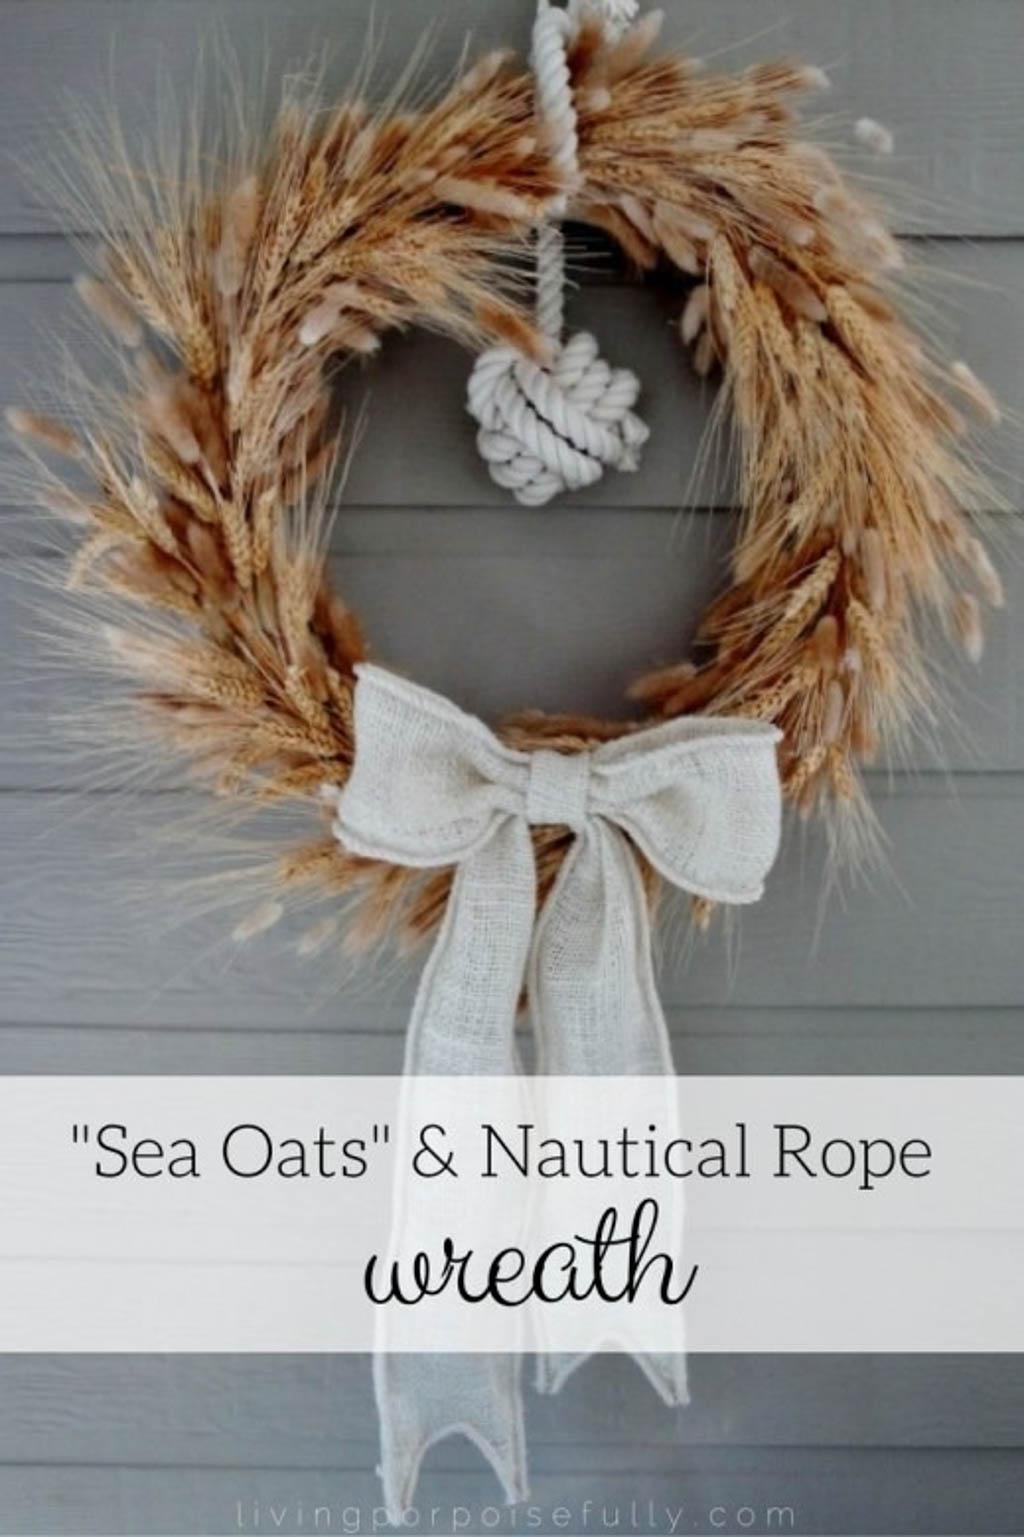 all wreathe coastal decor idea